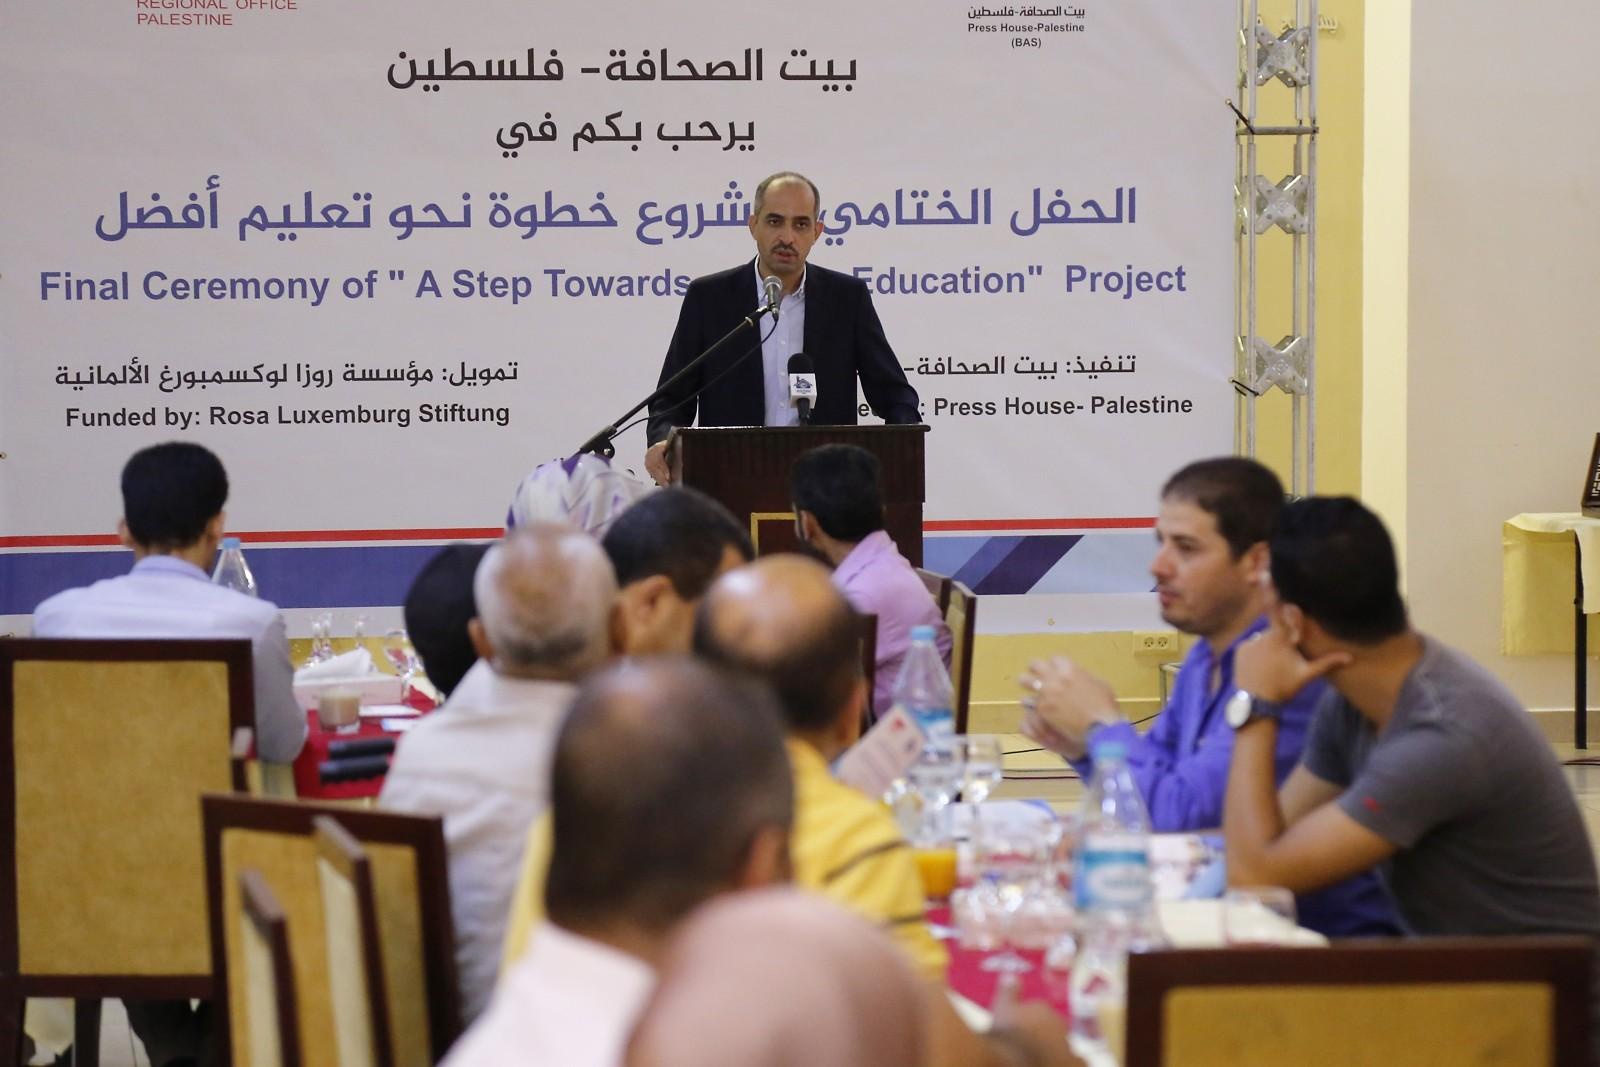 بيت الصحافة يختتم مشروع خطوة نحو تعليم أفضل